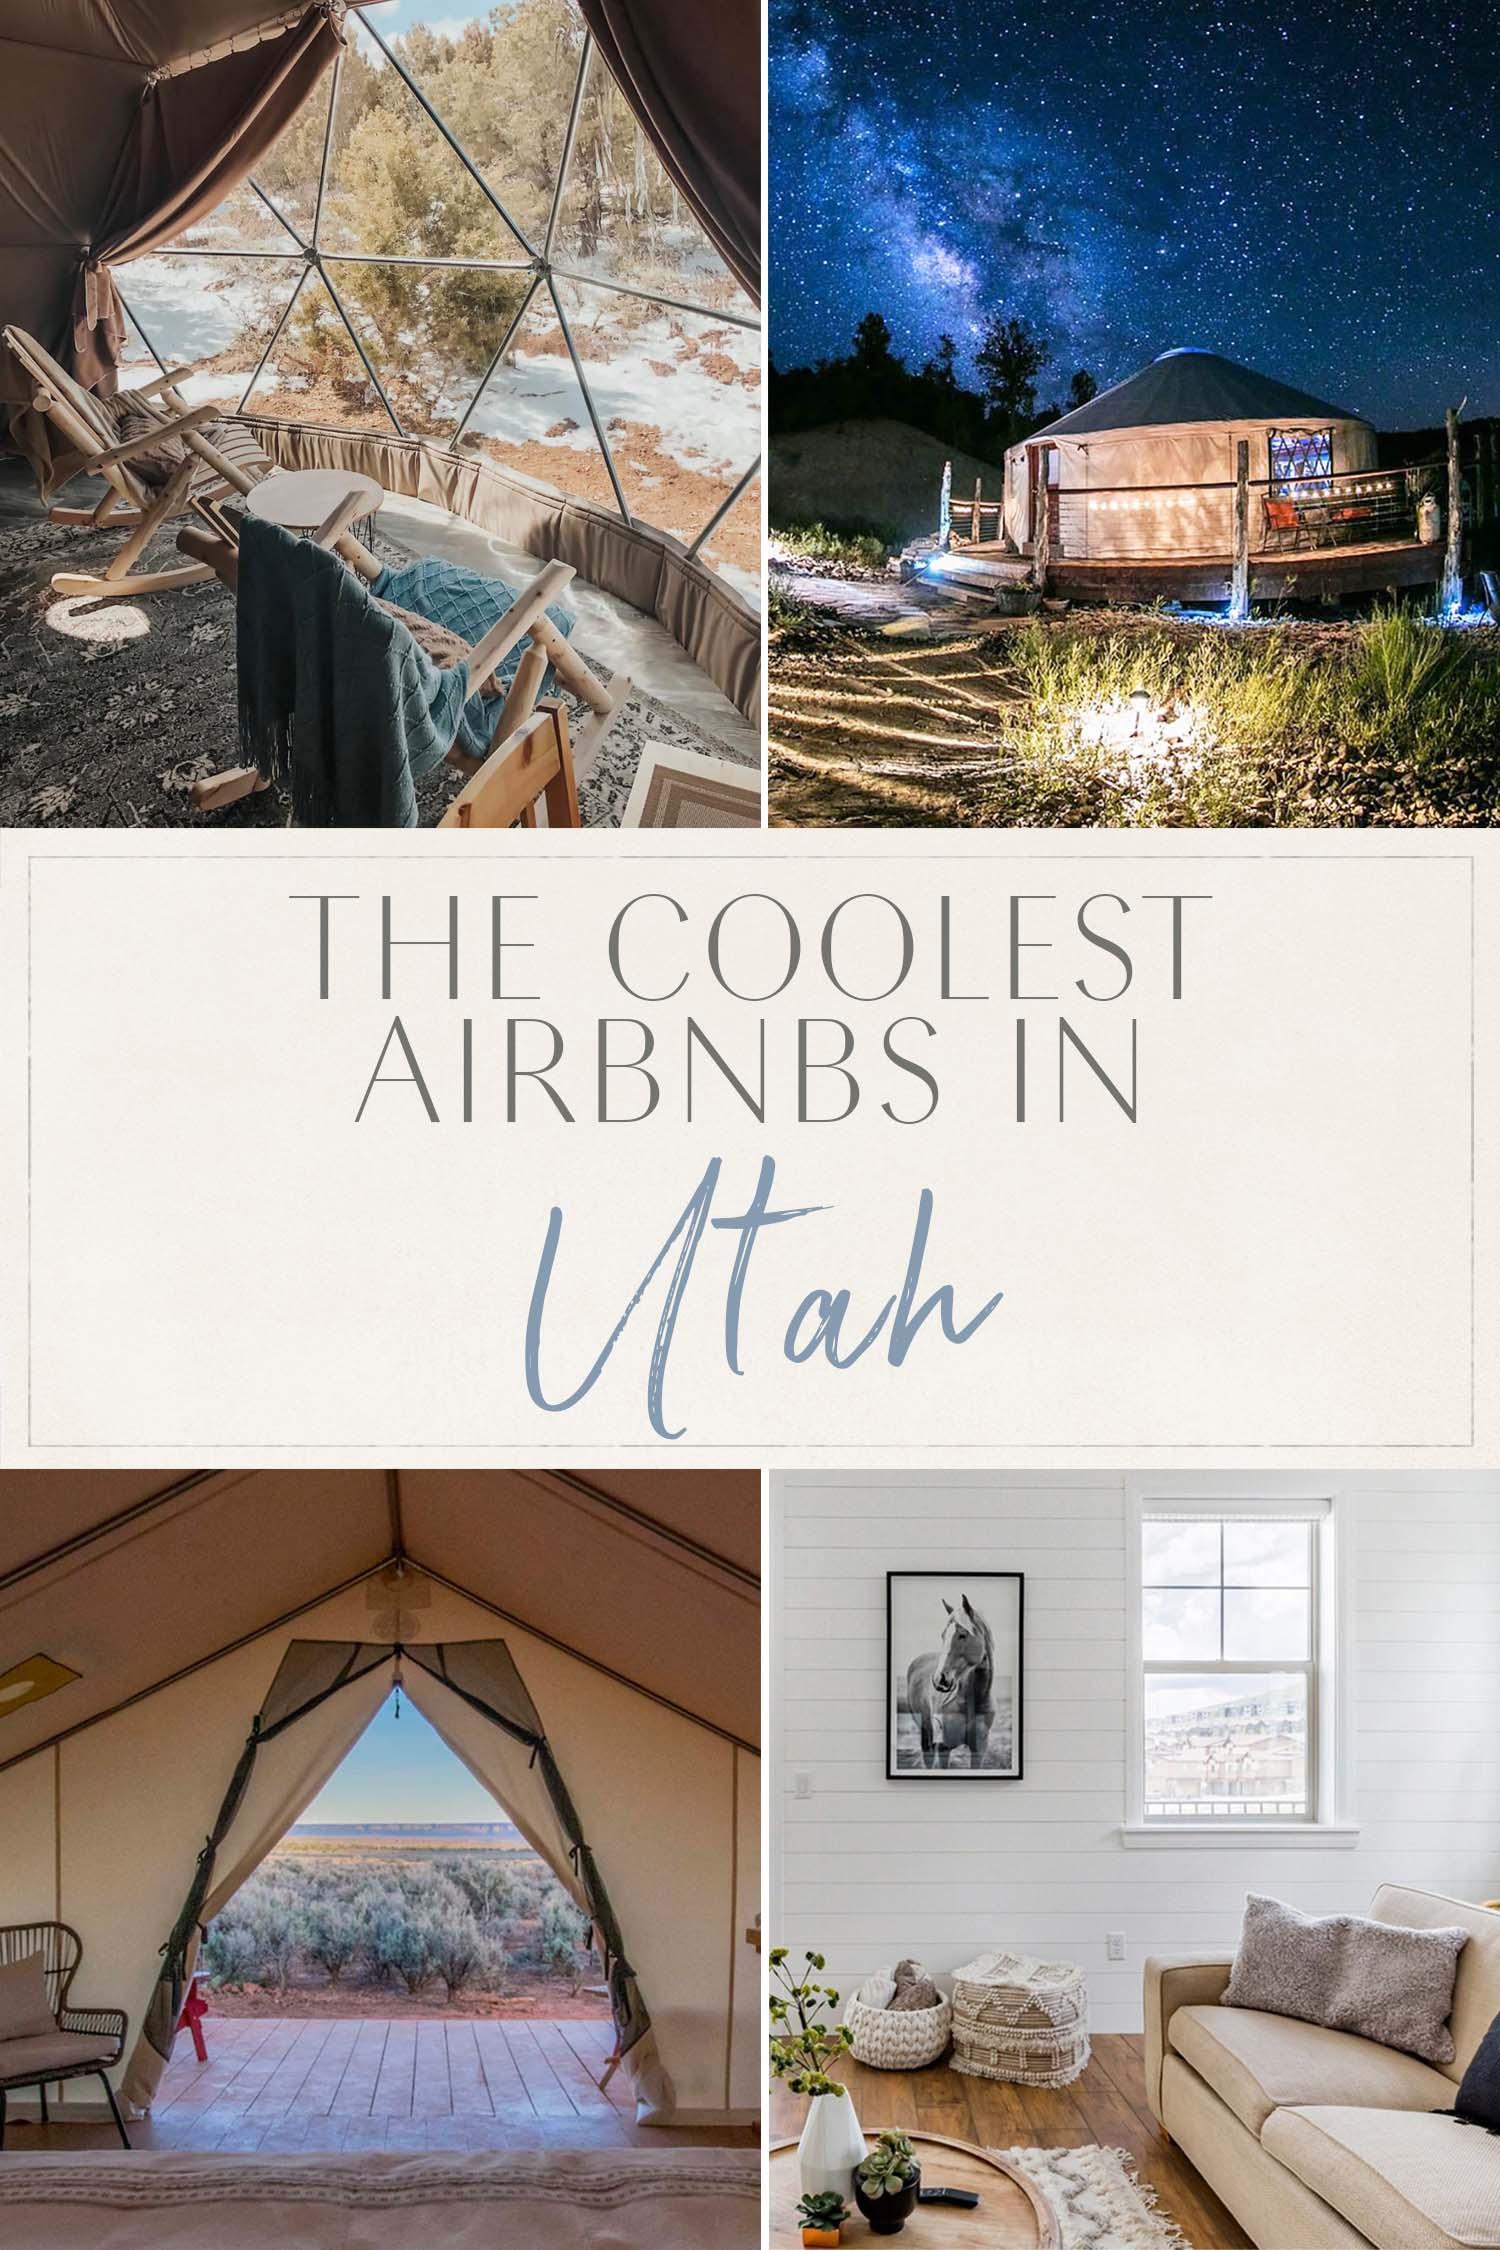 Coolest Airbnbs Utah